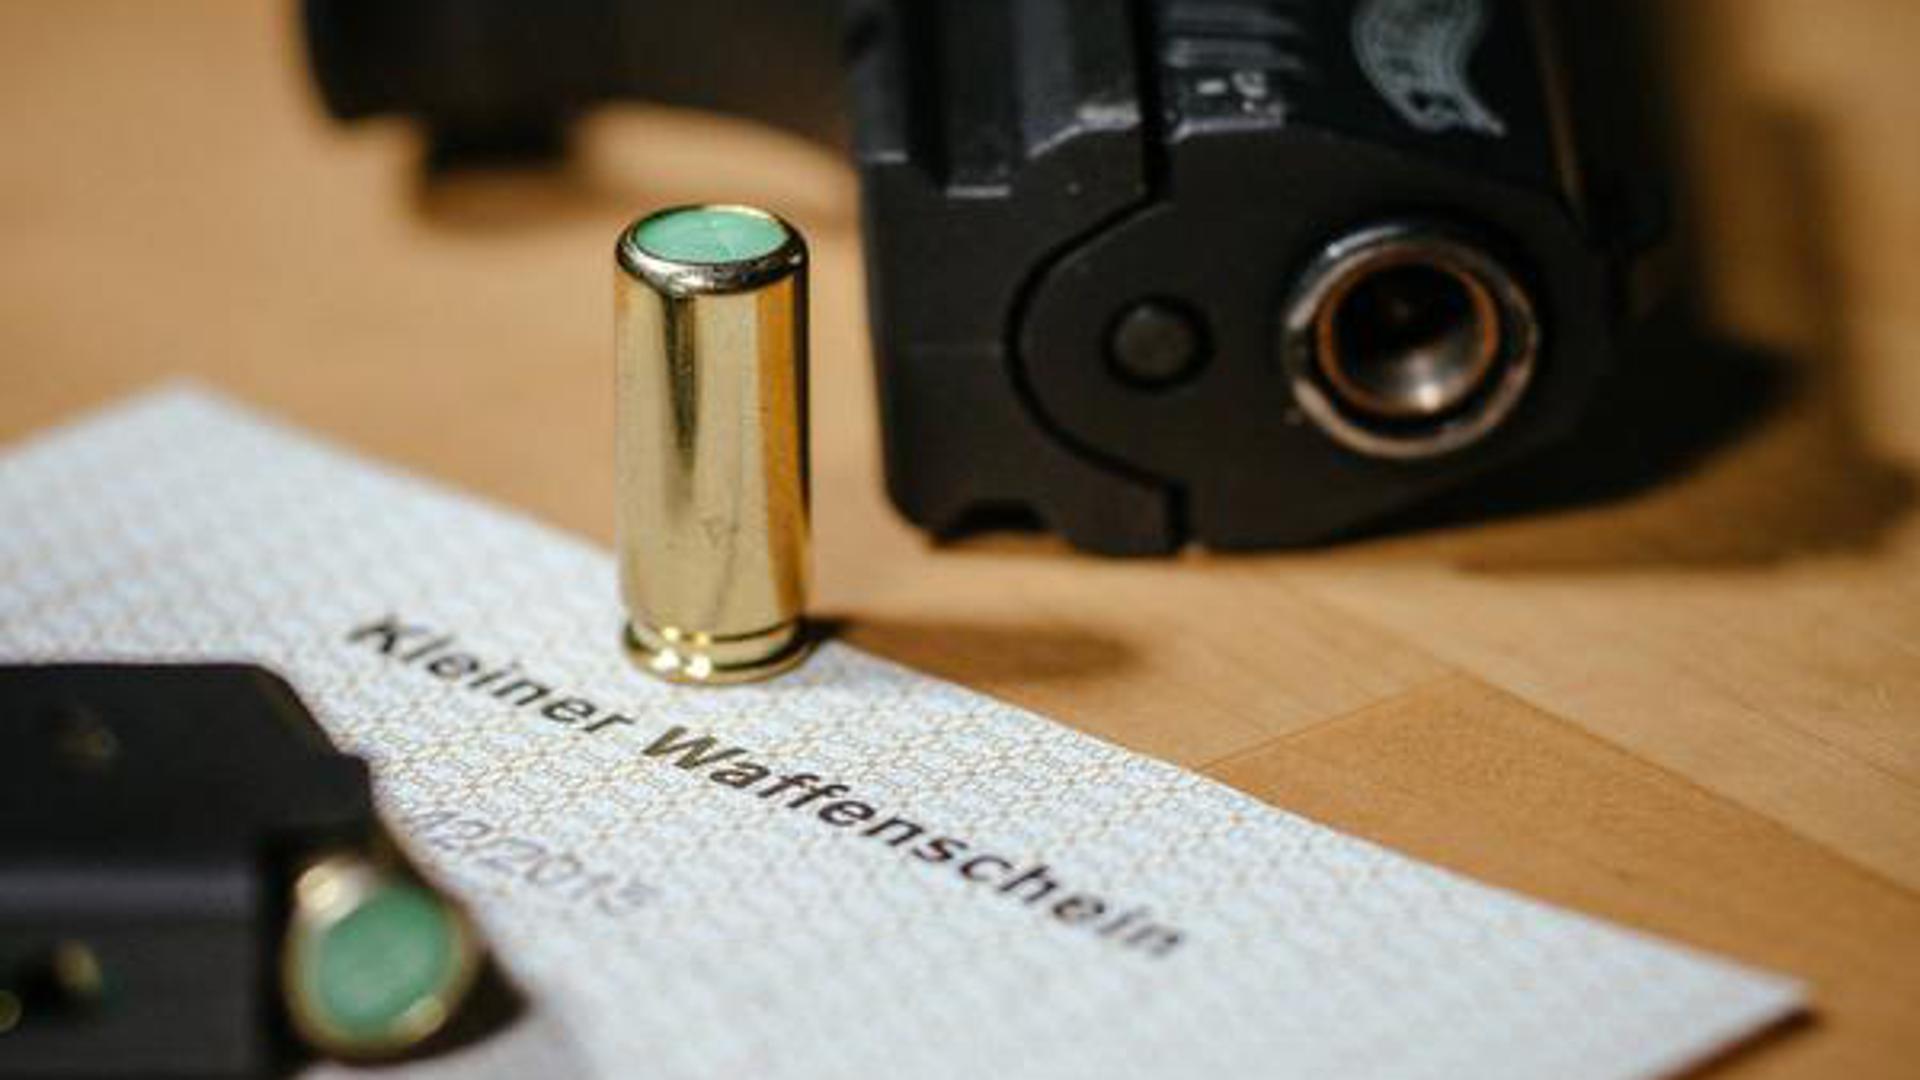 Klar geregelt: Wer eine Schreckschusswaffe tragen will, muss einen Kleinen Waffenschein besitzen. Zuletzt griffen im Landkreis Karlsruhe wieder weniger Menschen zur Waffe.